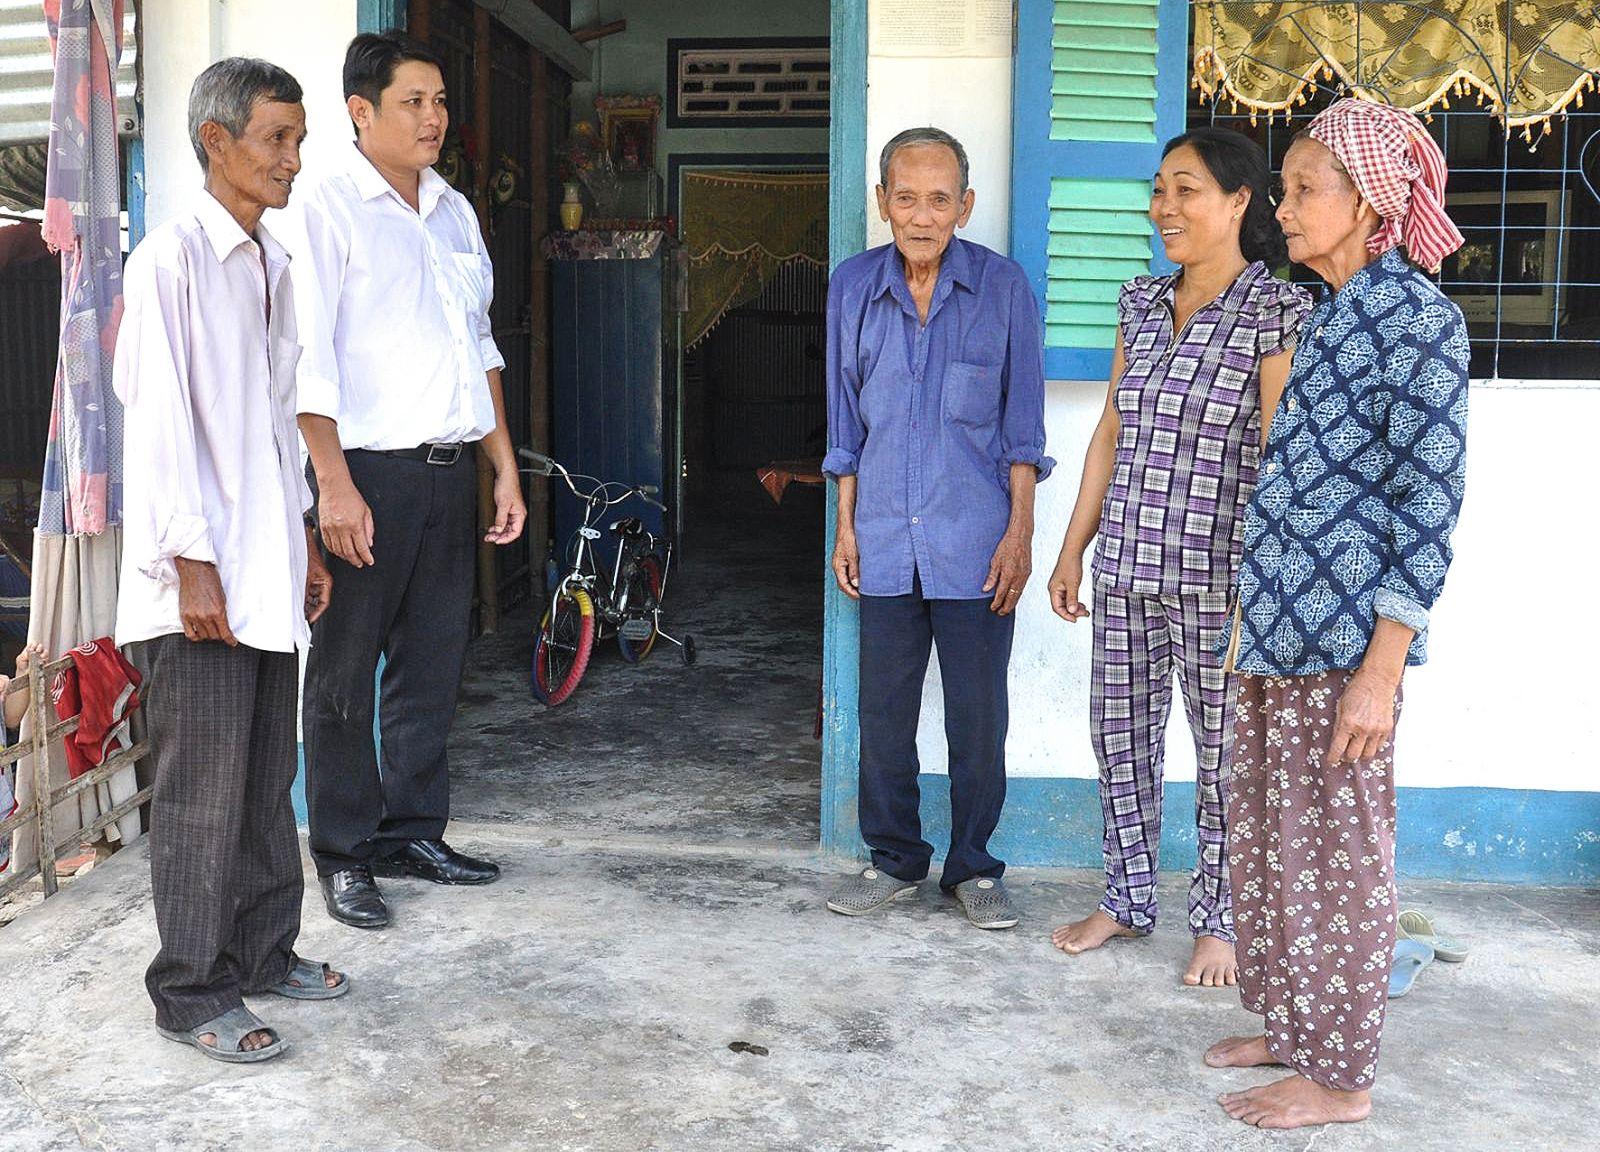 Đồng chí Đào Ngọc Hồng, Chi ủy viên, Trưởng Ban công tác Mặt trận ấp Định Yên, xã Định Môn (bìa trái) vận động người dân thực hiện các chủ trương của địa phương.